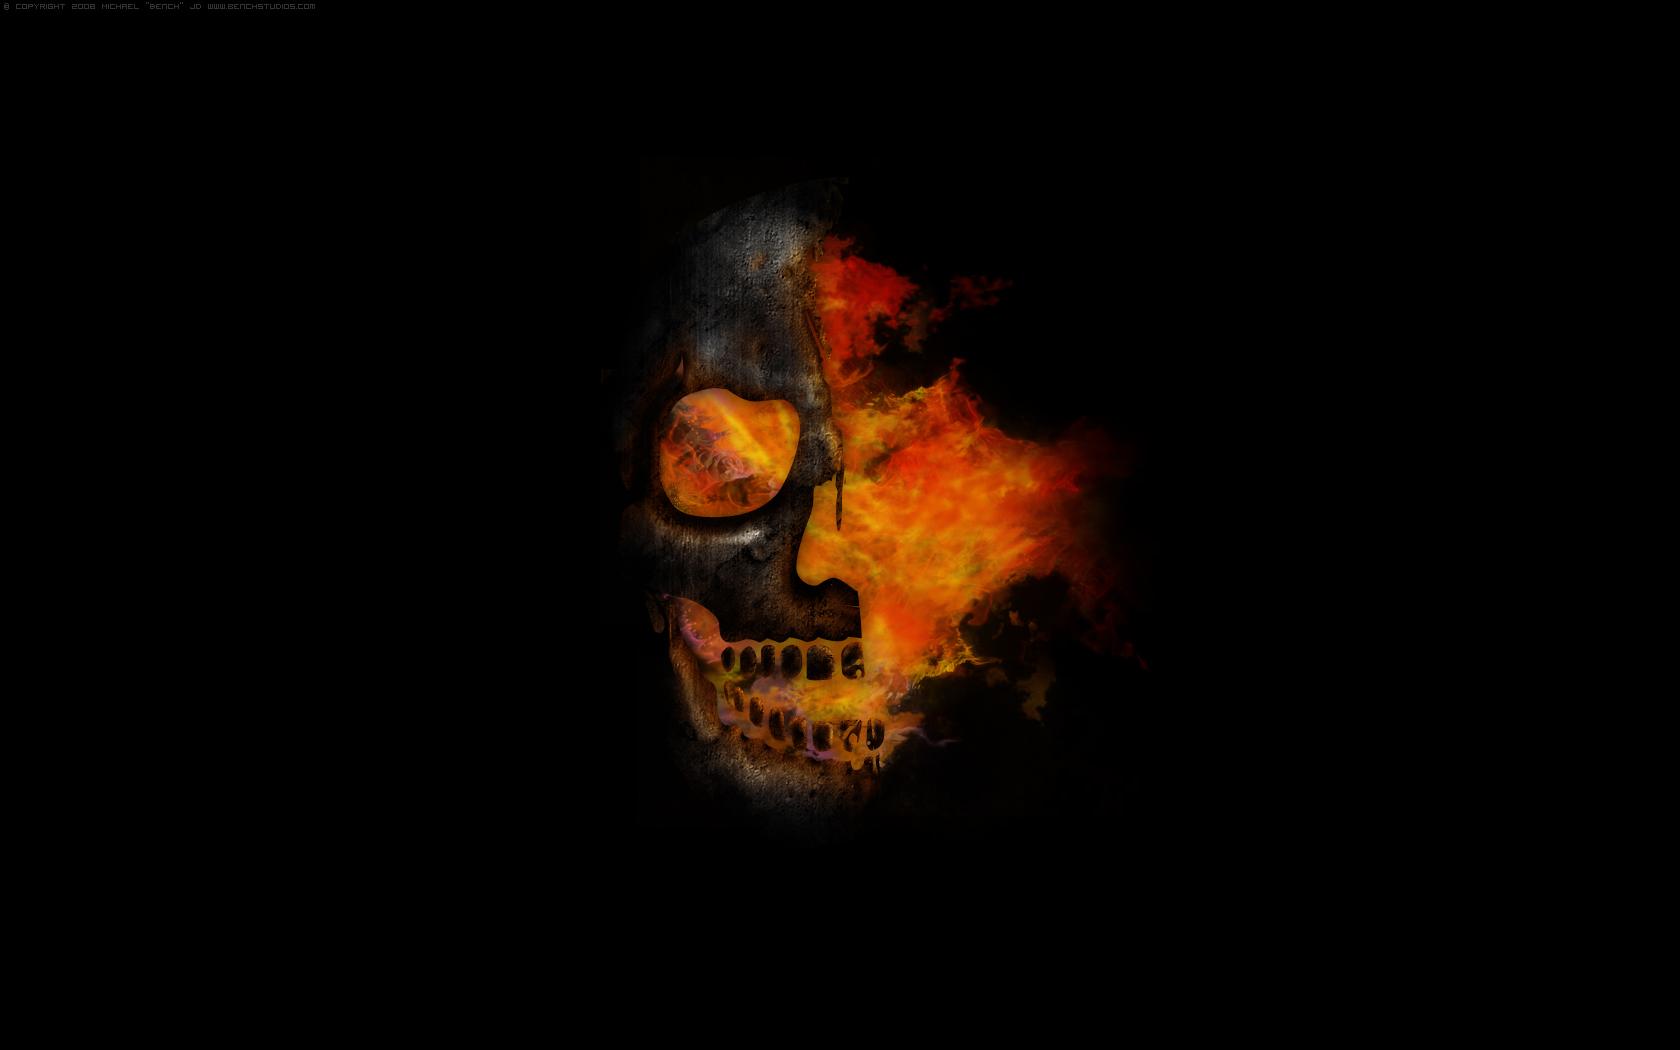 fire skull by michaeldebevec on deviantart